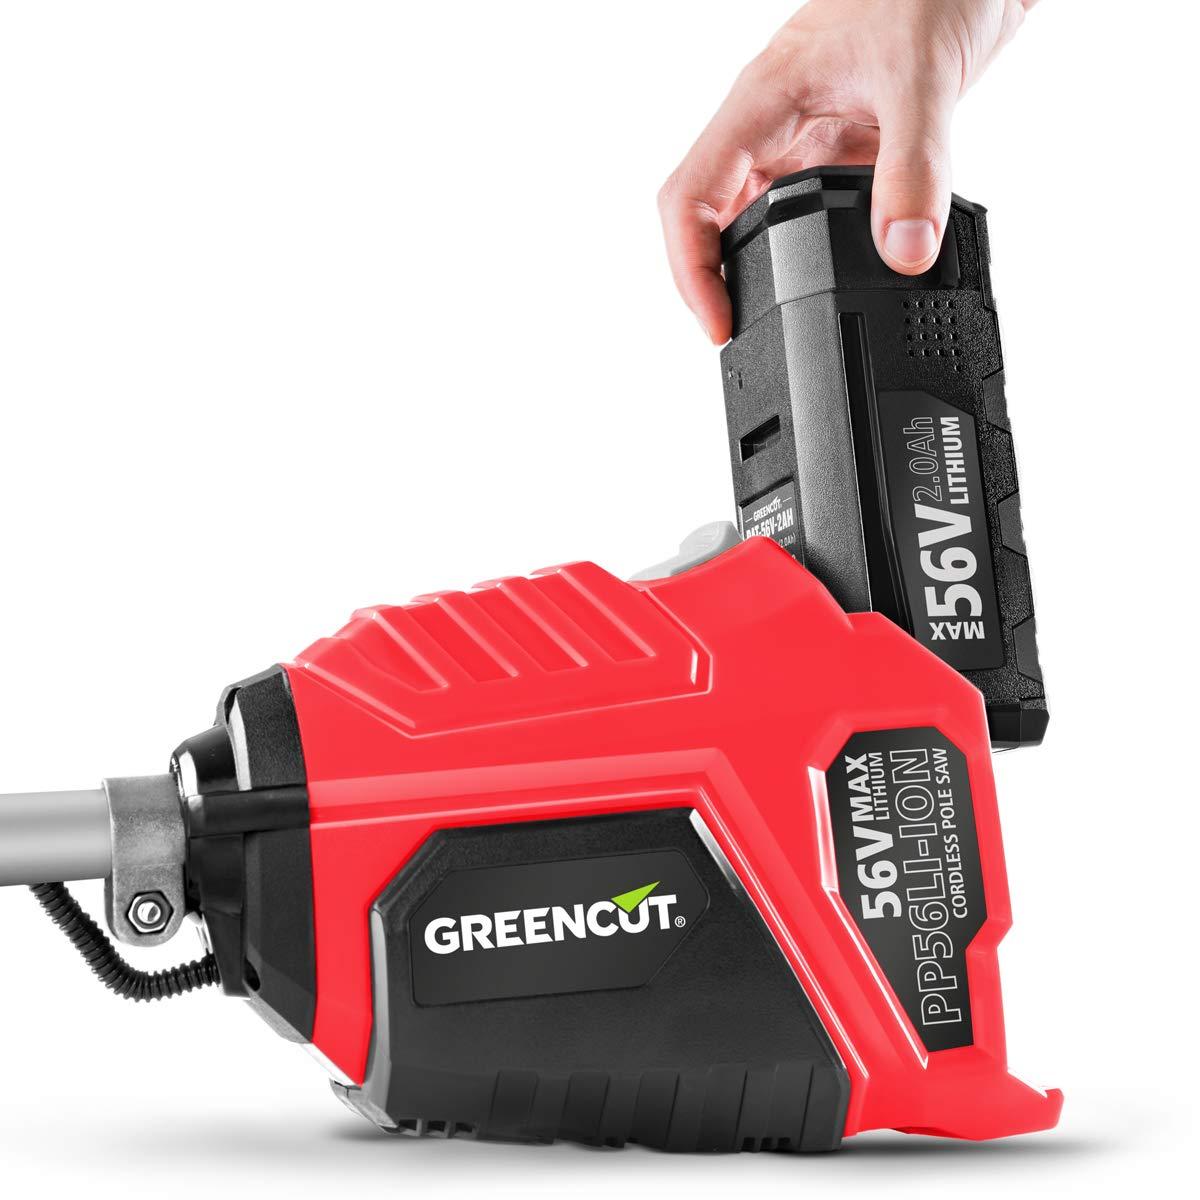 Greencut GM56LI-ION 4-1 - Herramienta multifunción desbrozadora ...